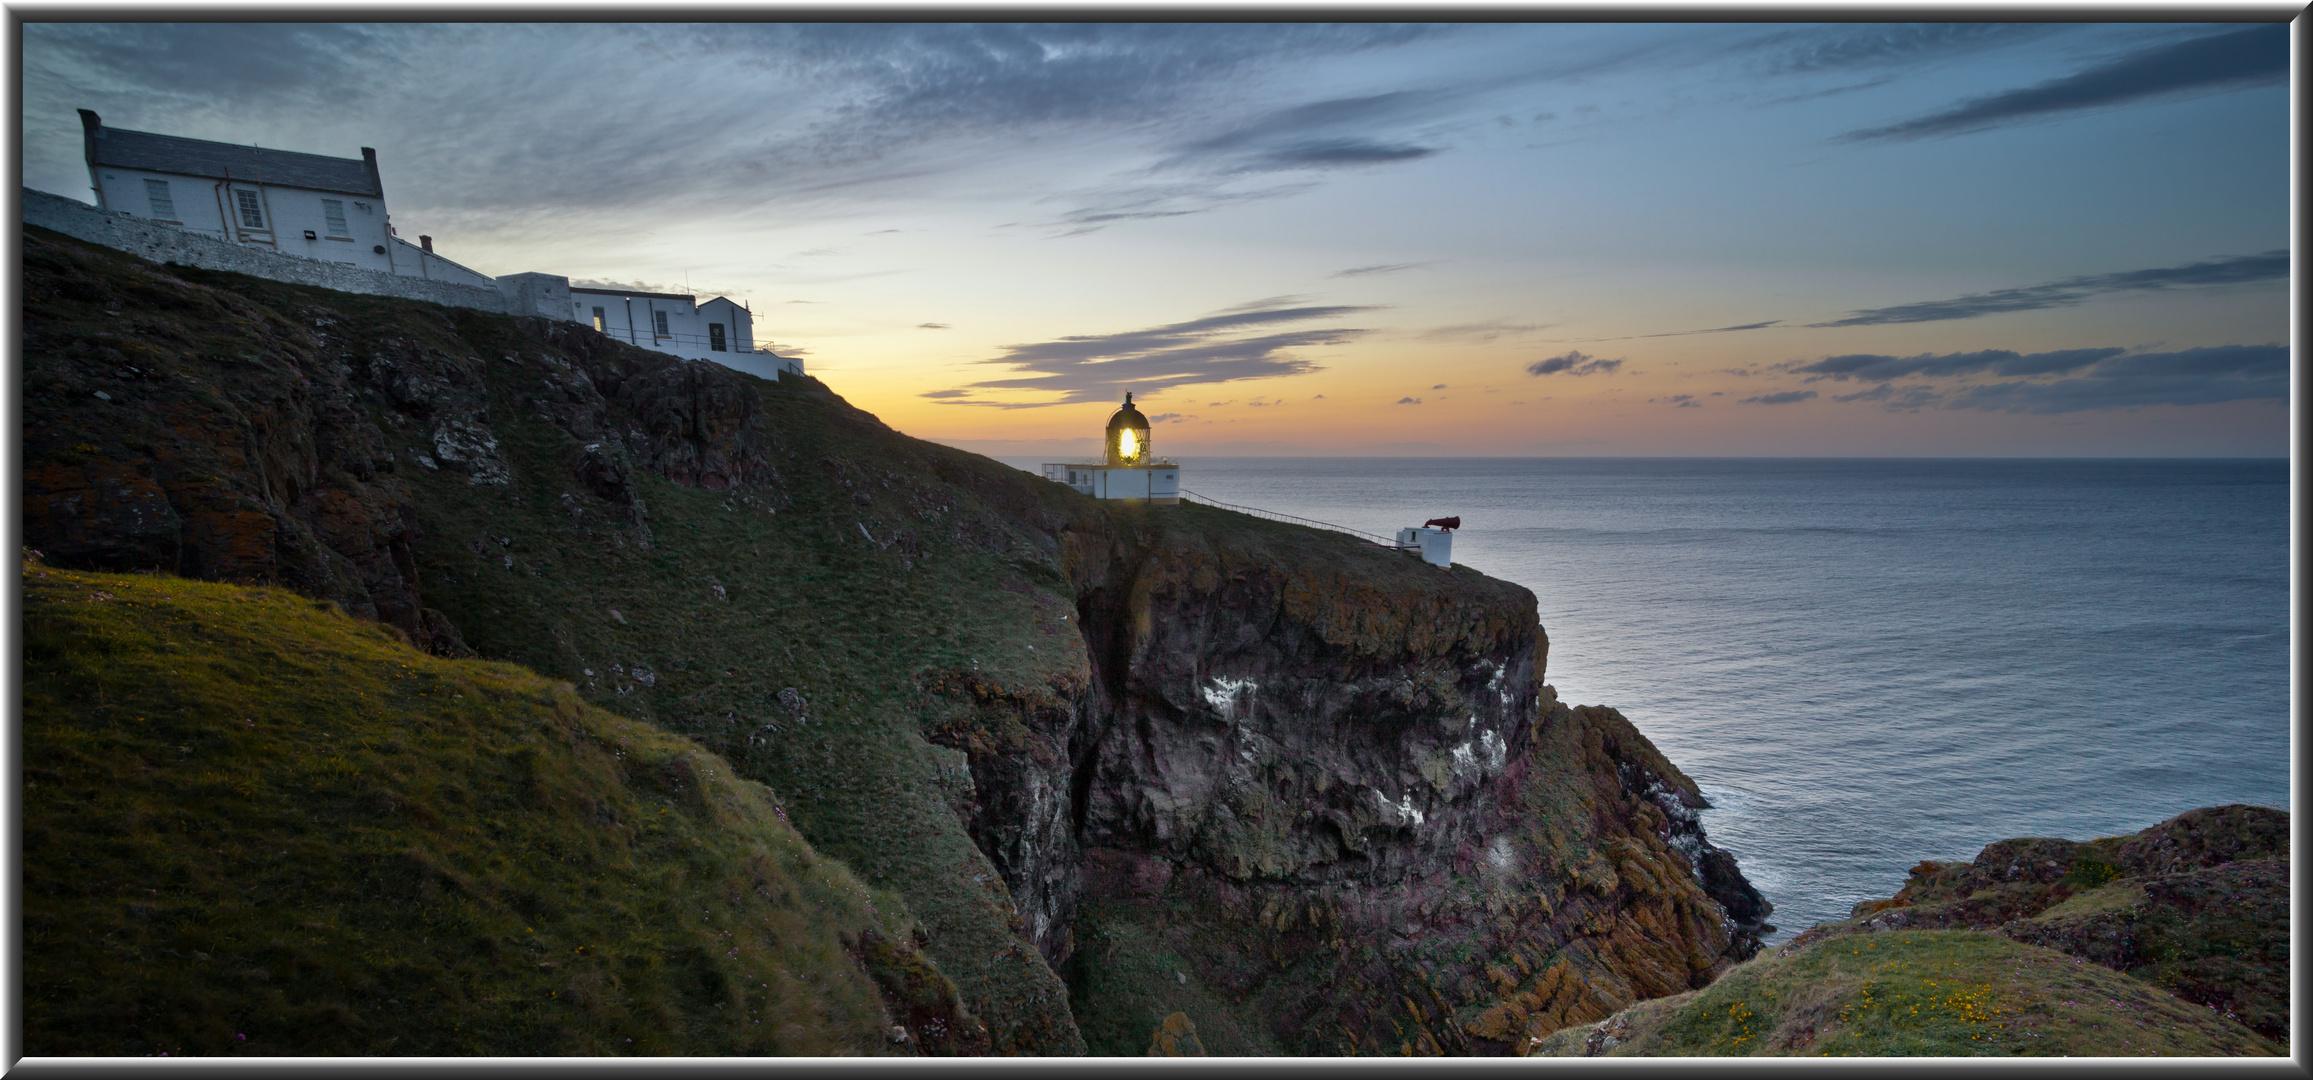 St. Abbs lighthouse